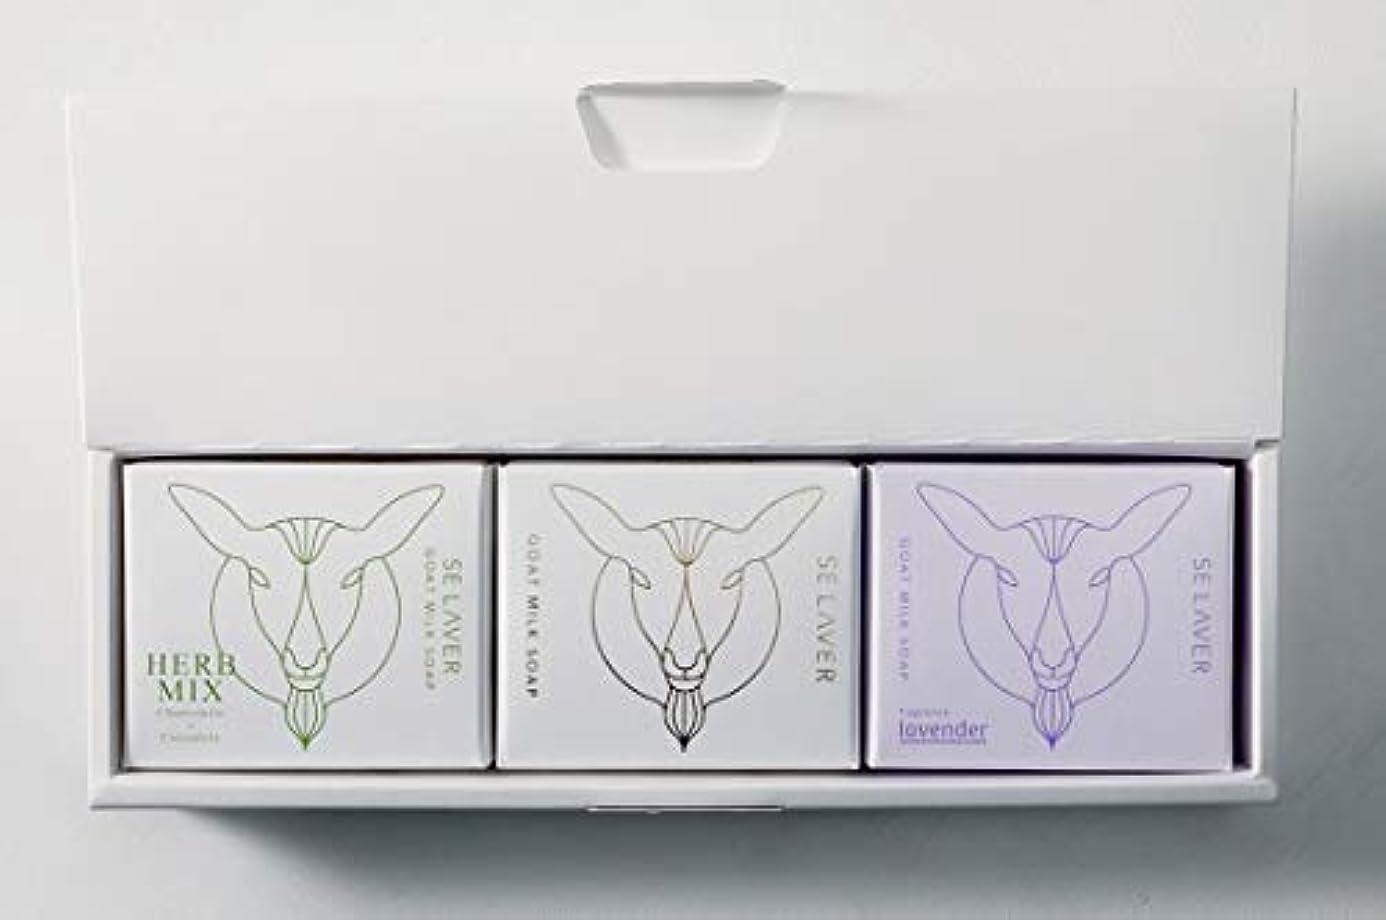 排泄する隠すやむを得ないオホーツクサボン ヌフ ゴートミルクソープ 各種3個セット